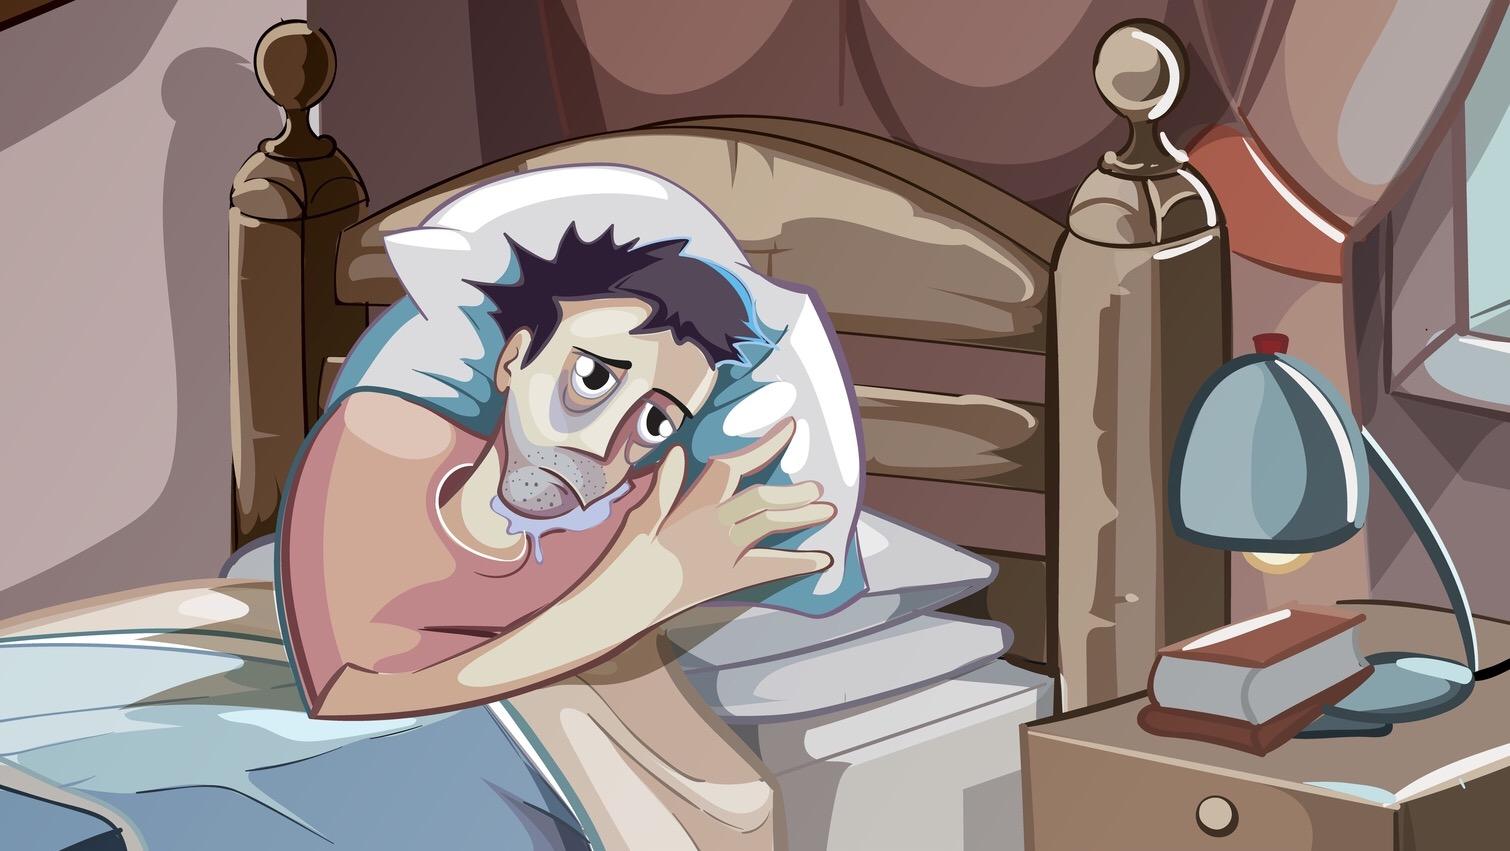 5 โรคร้ายที่เติบโตในตัวคุณเมื่อนอนหลับไม่เพียงพอ